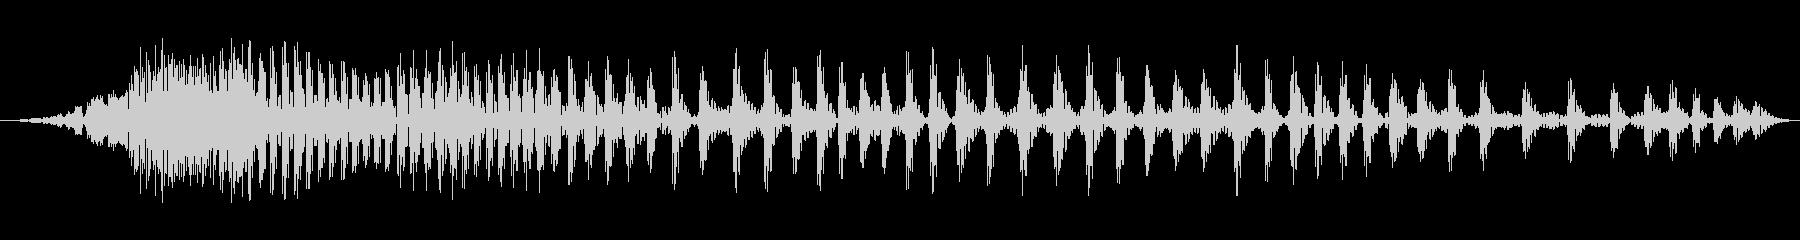 ぐぅ〜(お腹が鳴る音) の未再生の波形